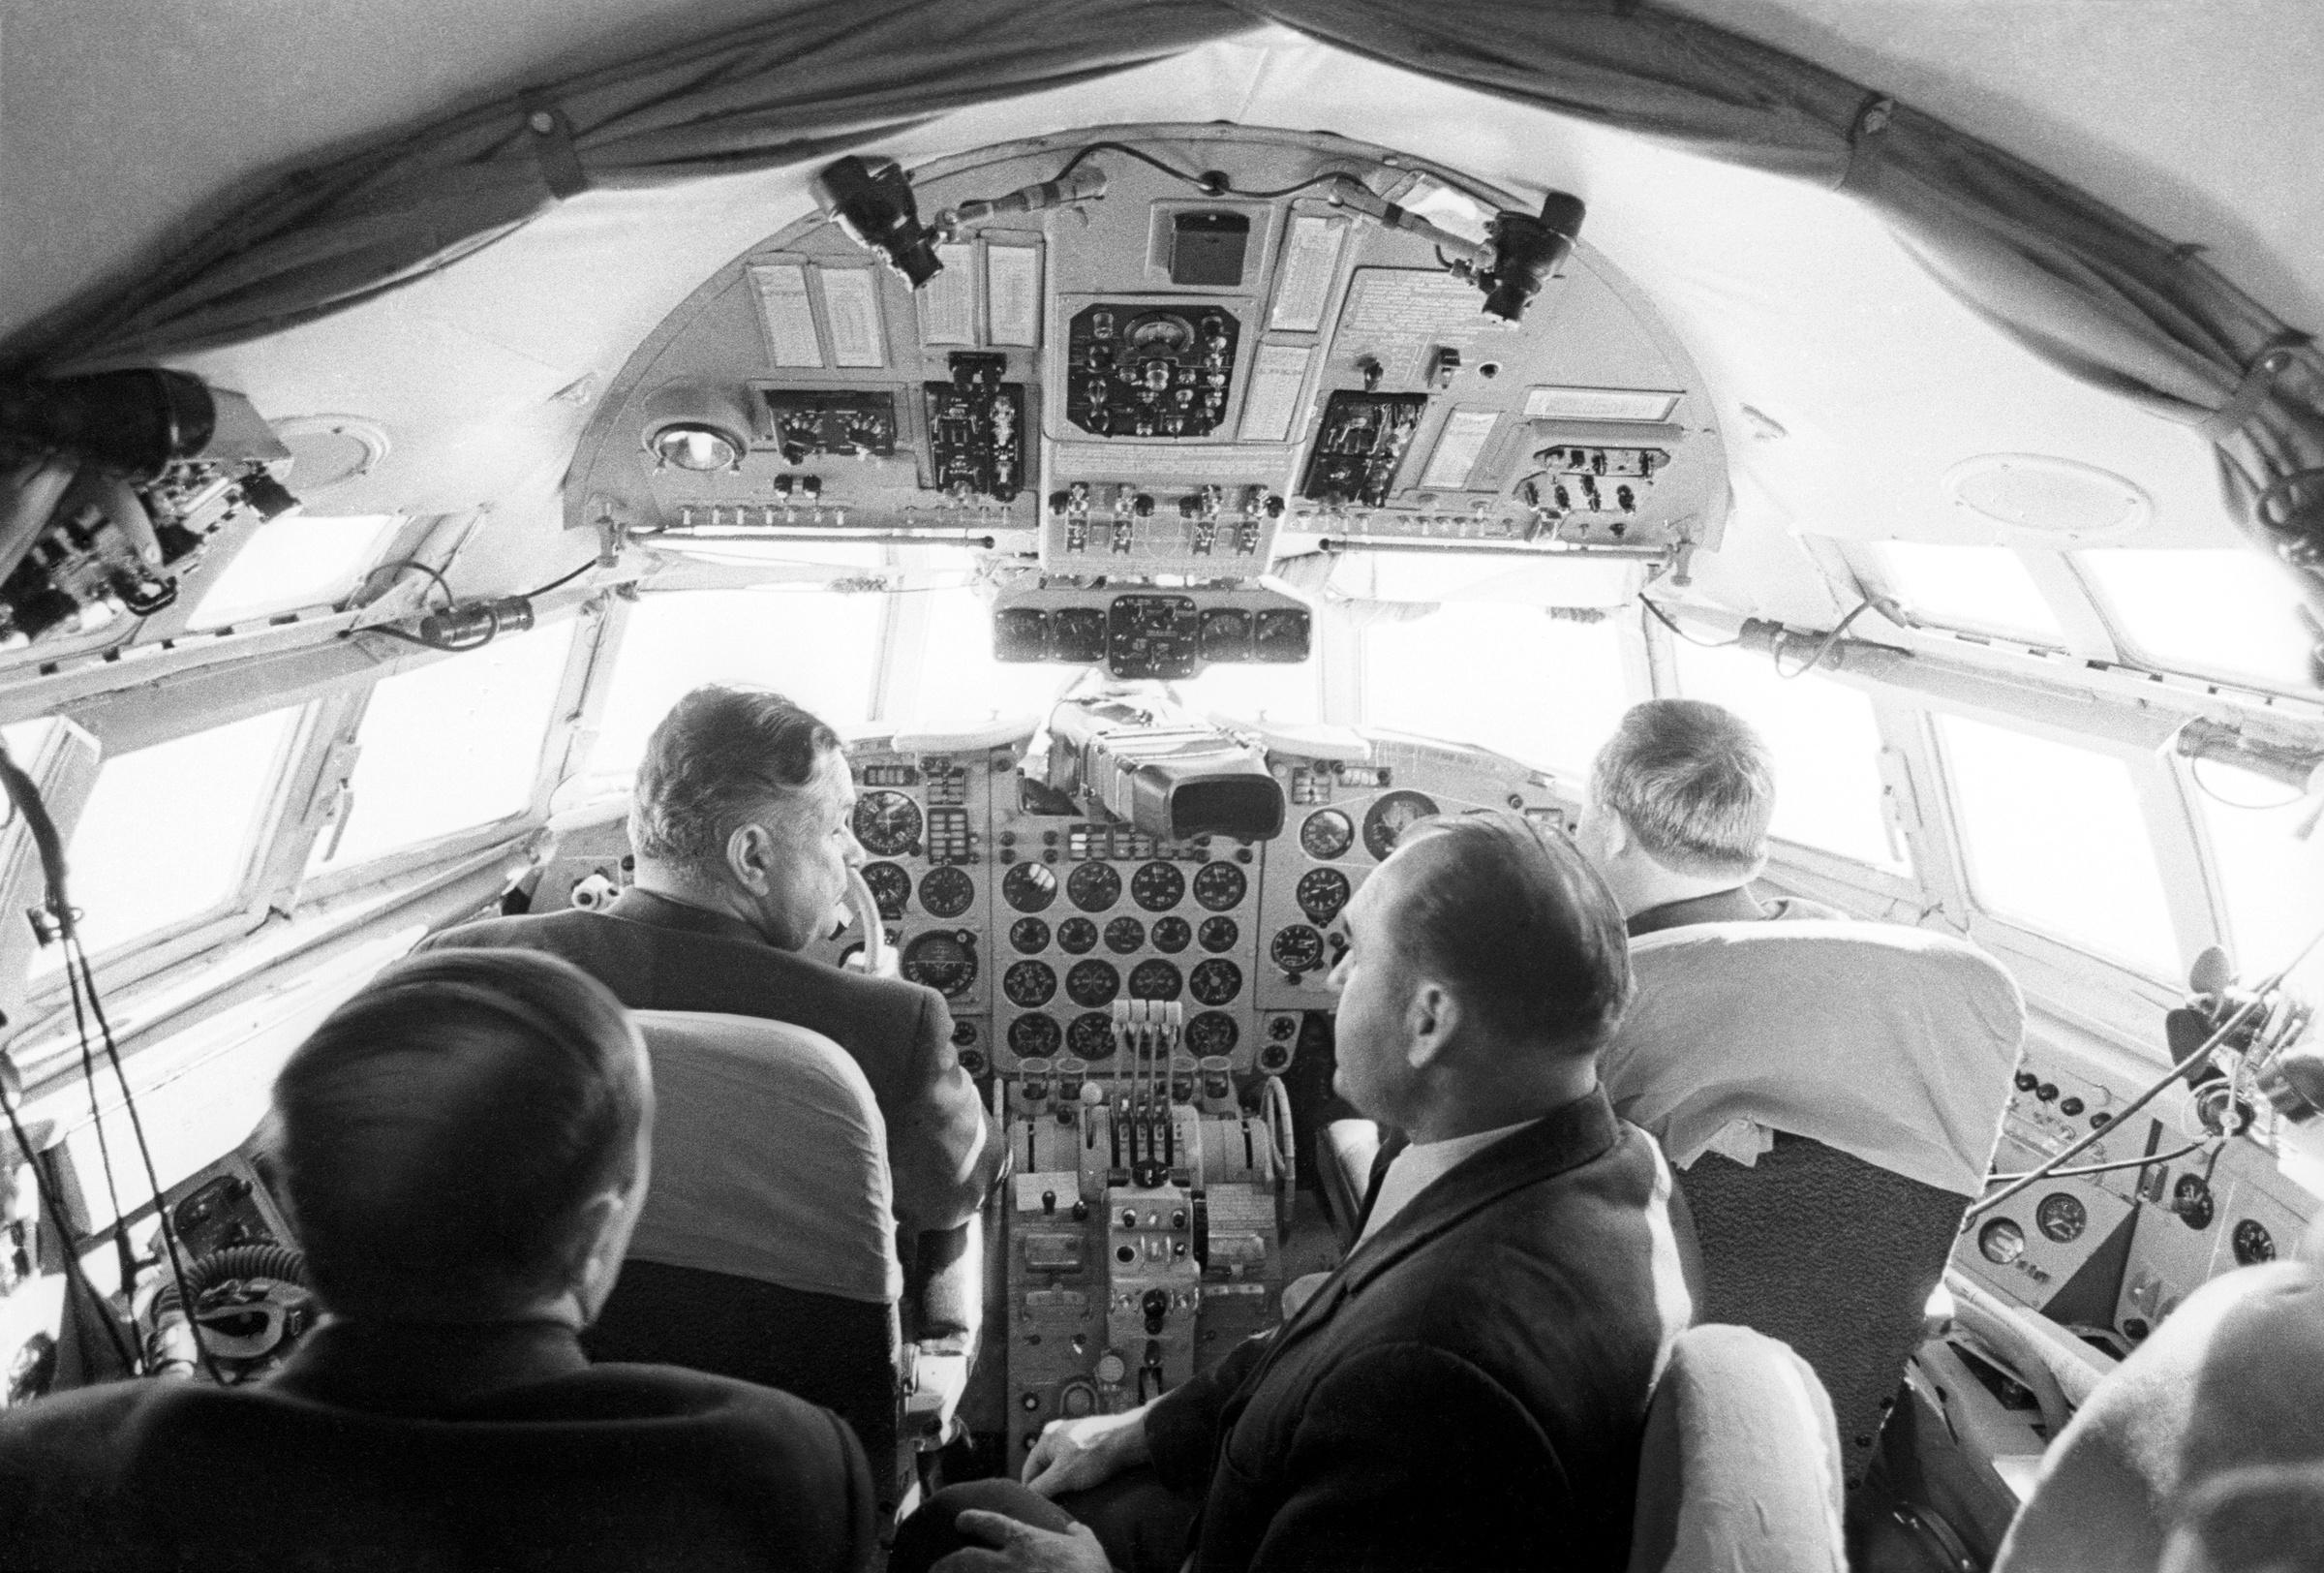 В кабине лайнера Ил-18 лётчики ведут самолёт с помощью бортовой системы управления заходом на посадку. Фото © ТАСС / Виталий Созинов